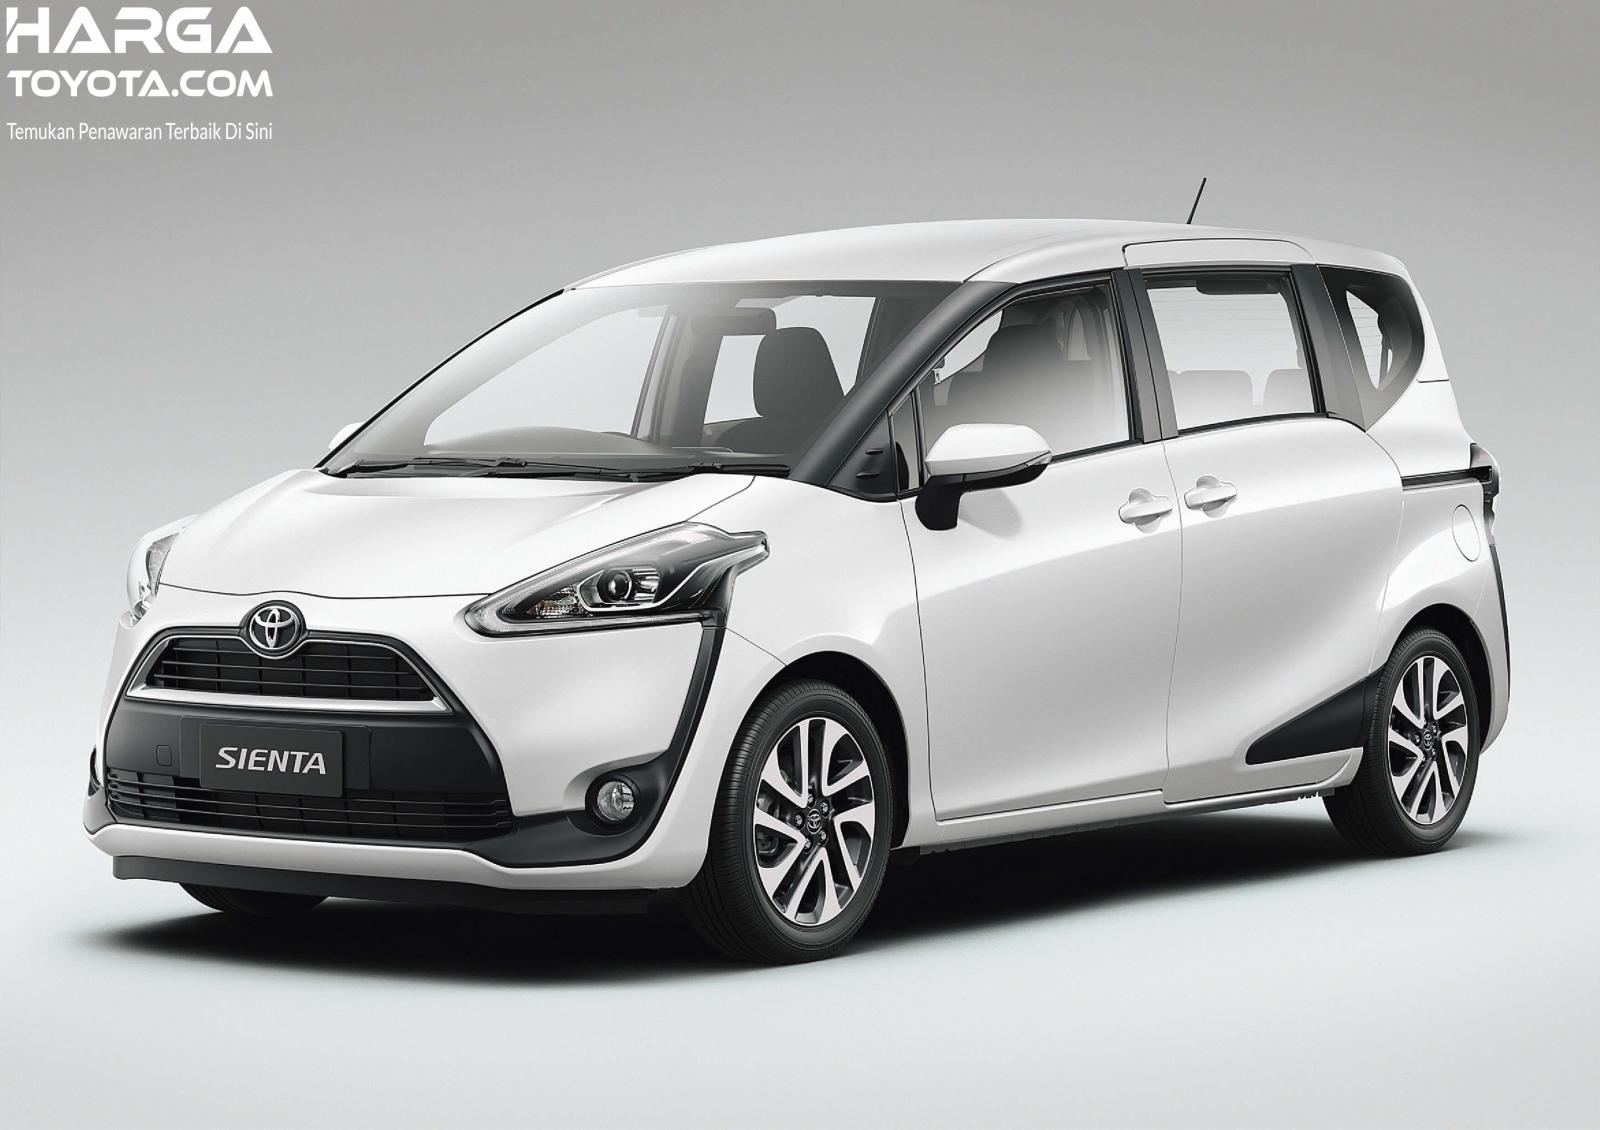 Toyota Sienta berwarna putih